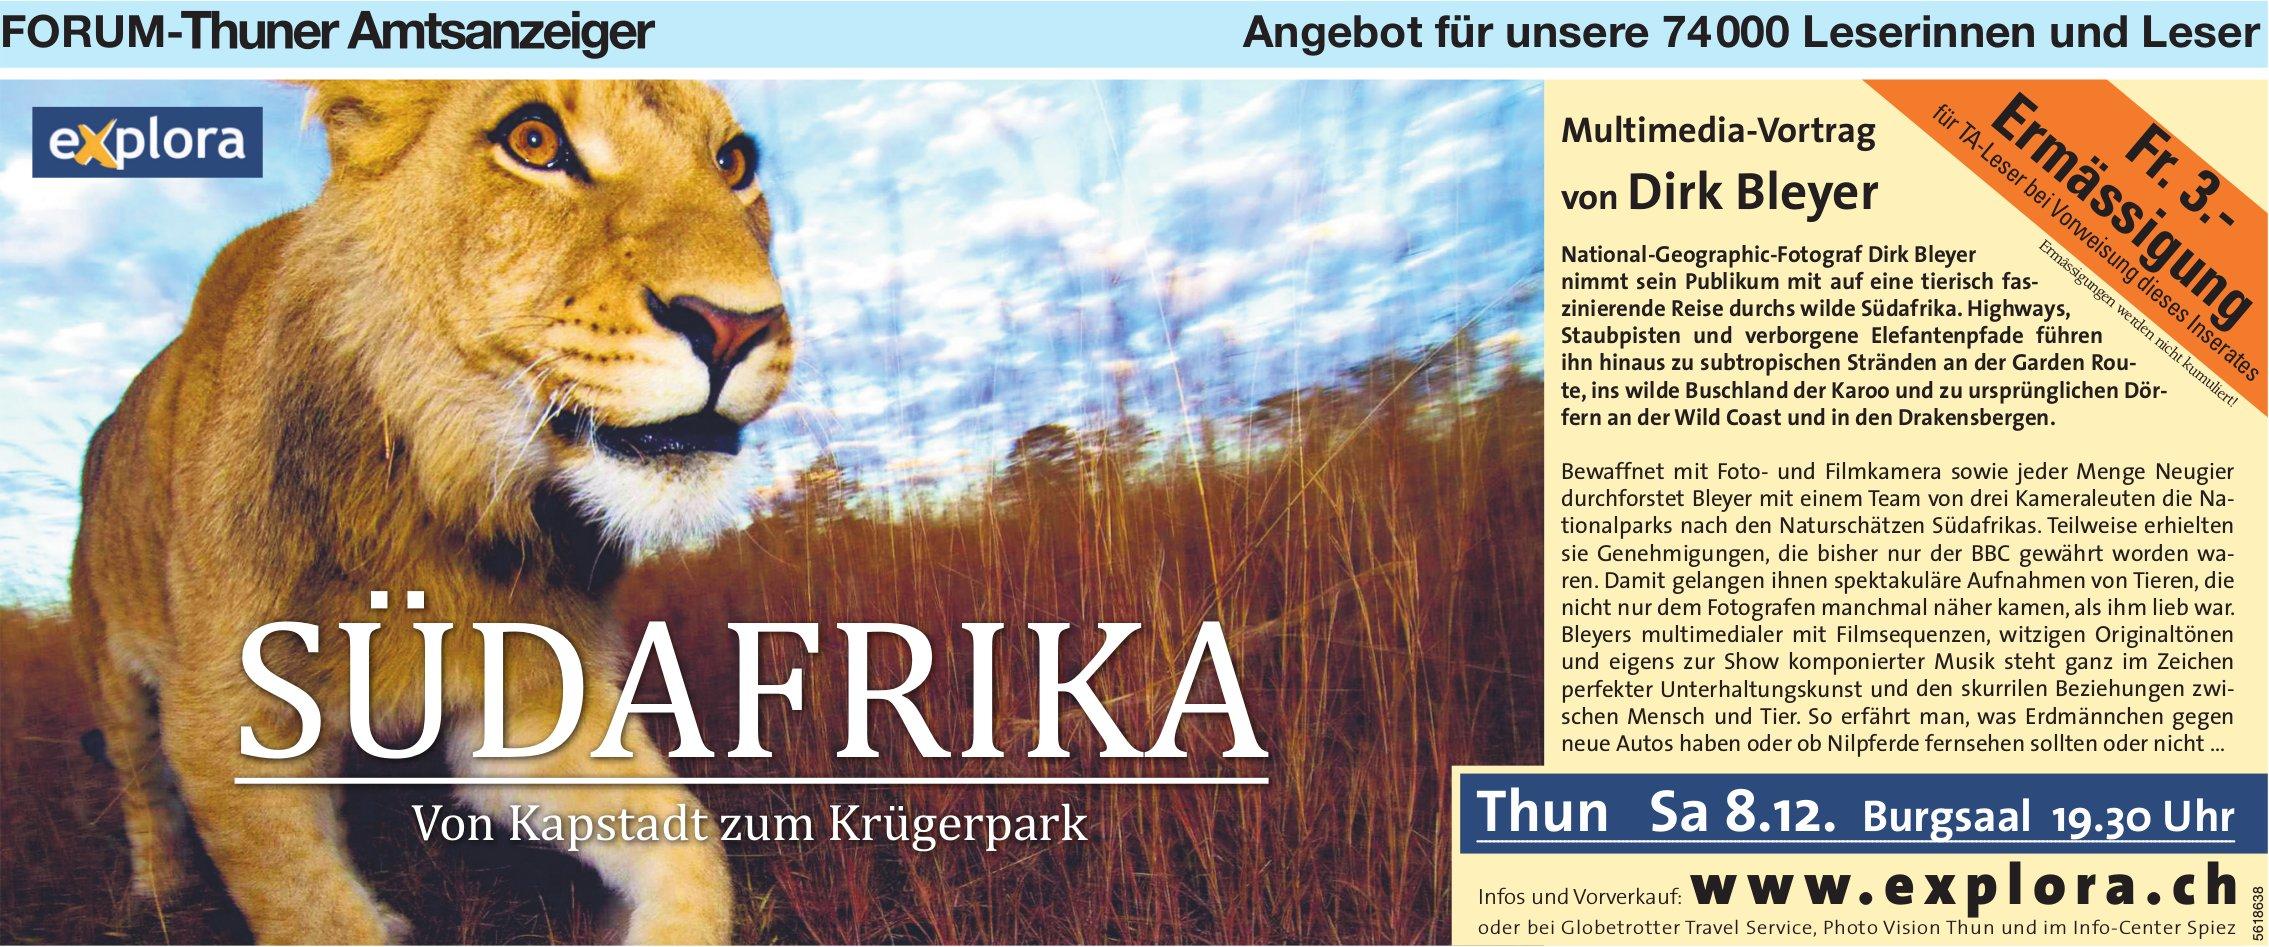 Forum-Thuner Amtsanzeiger - Südafrika: Multimedia-Vortrag von Dirk Bleyer am 8. Dezember